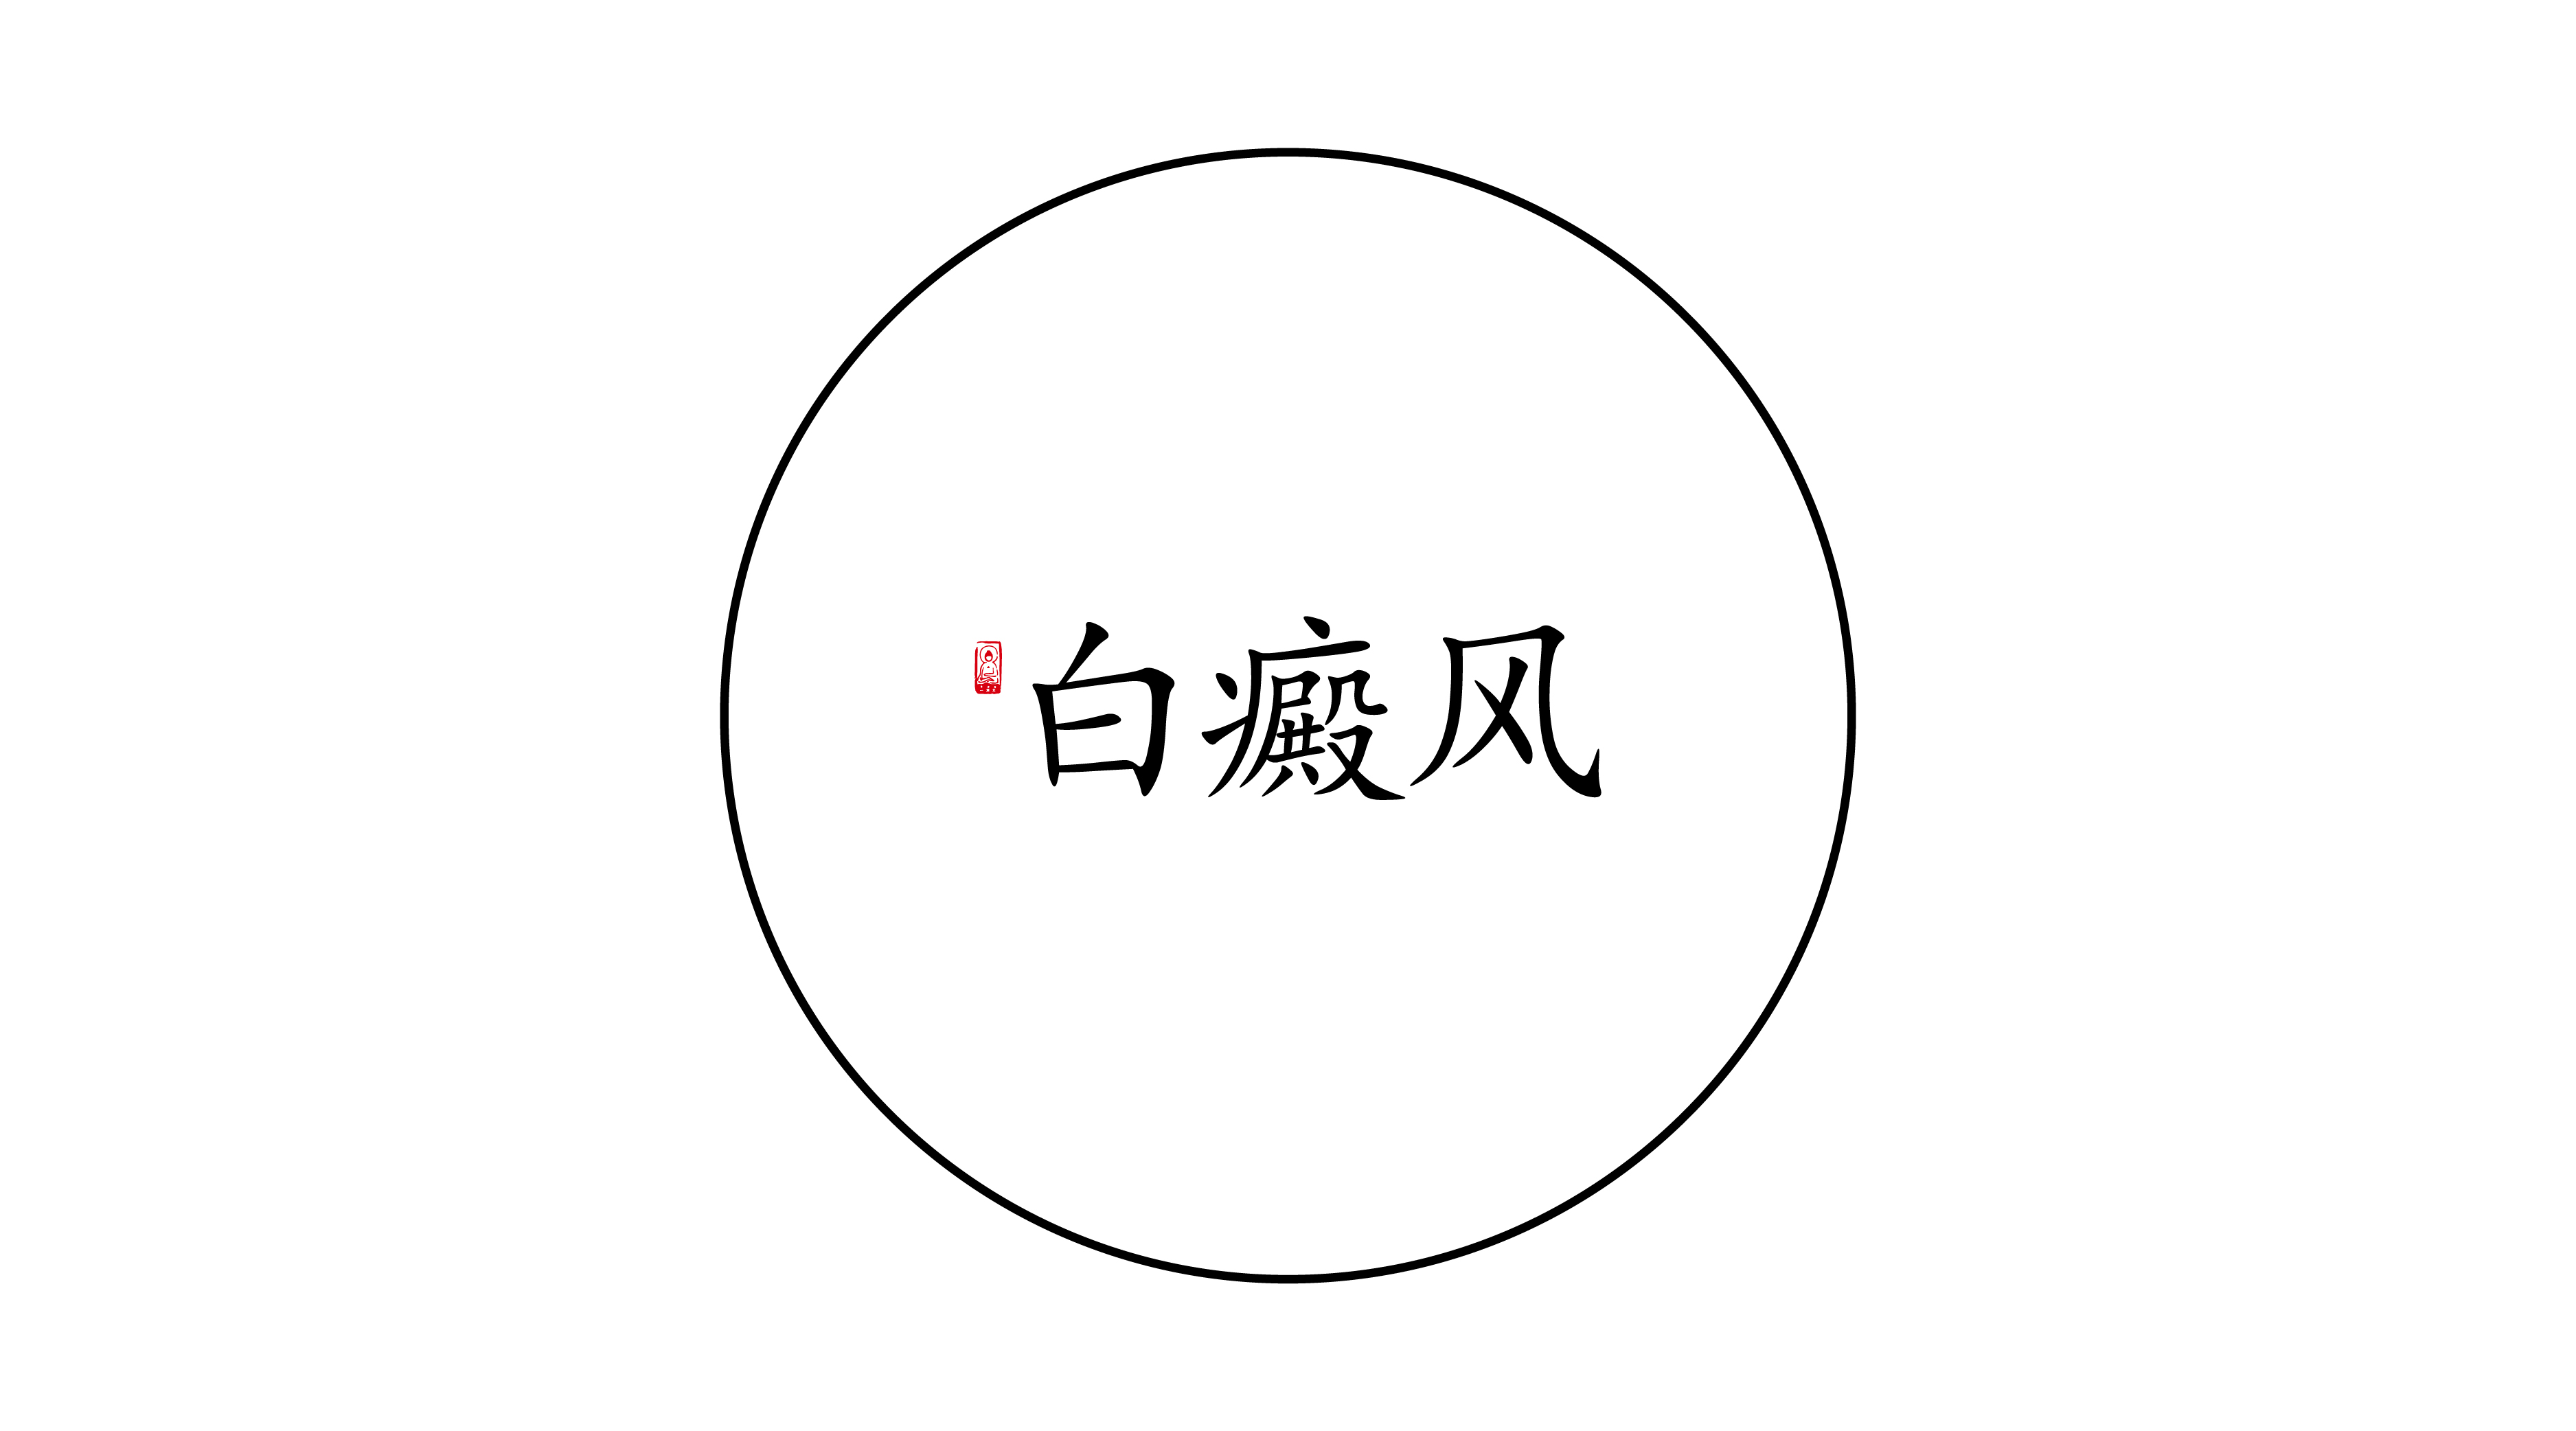 芜湖白癜风治疗好需要多久时间